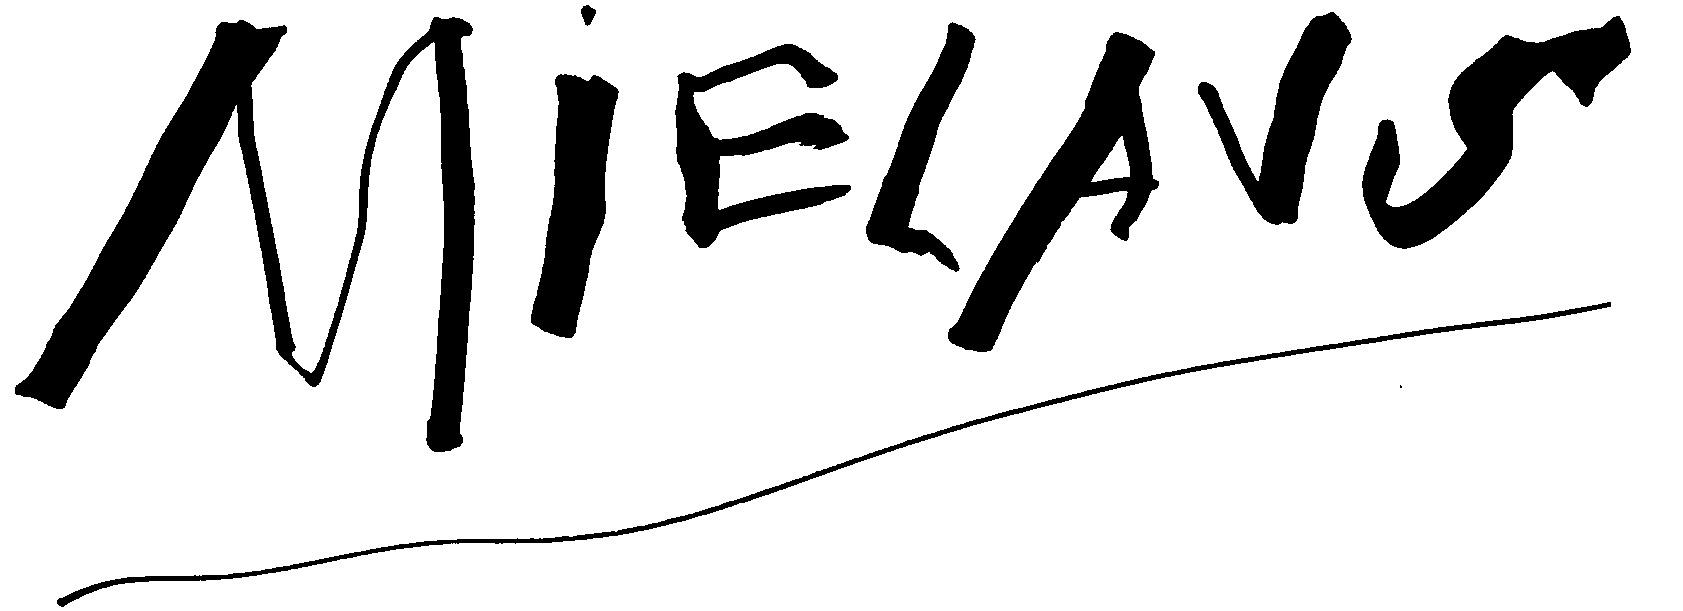 Mielavs logotips